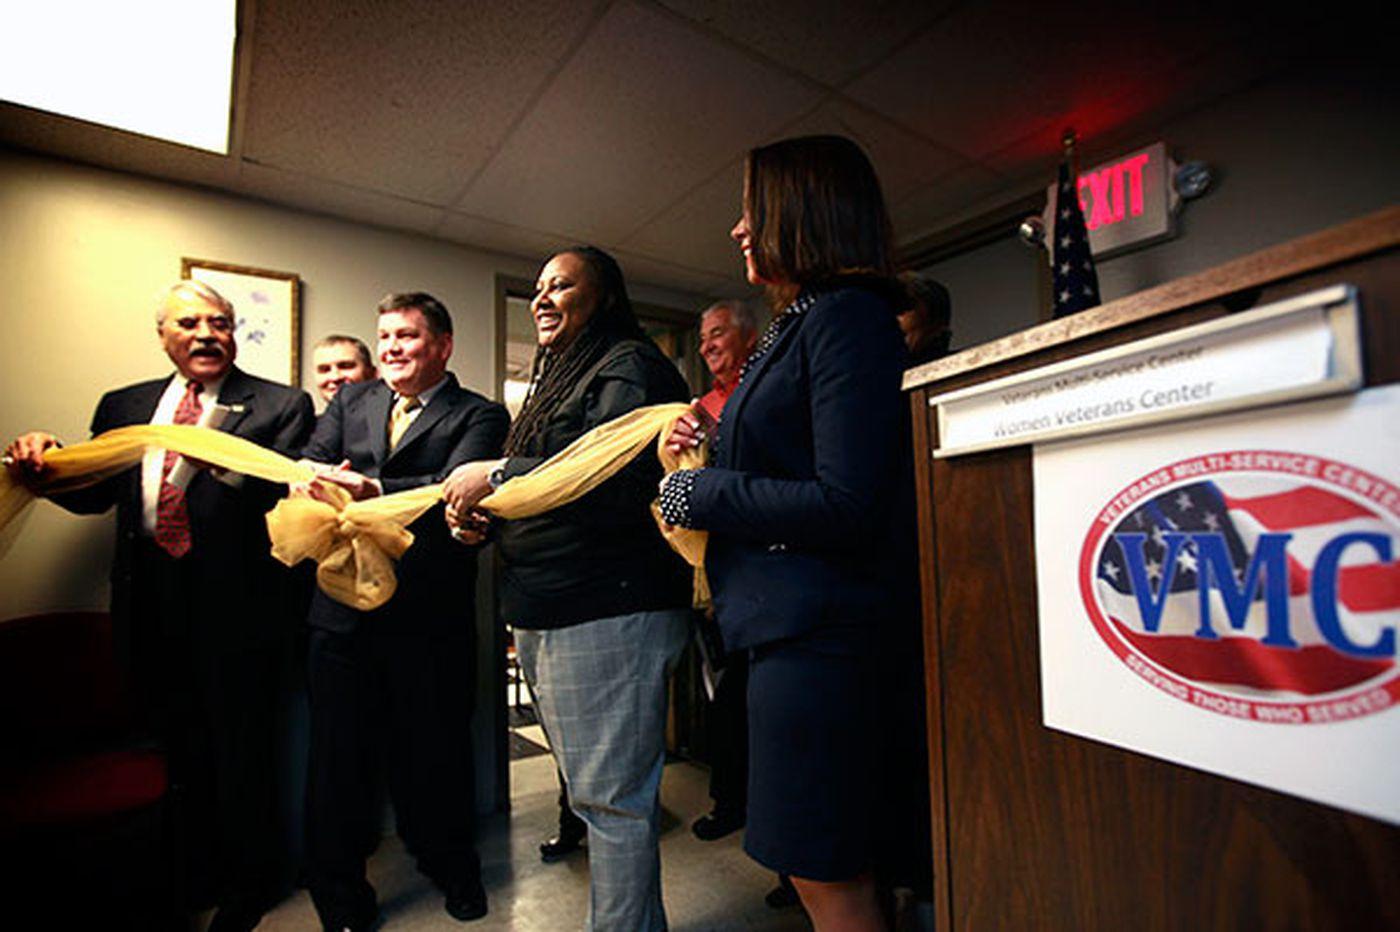 Center for female veterans opens in Old City